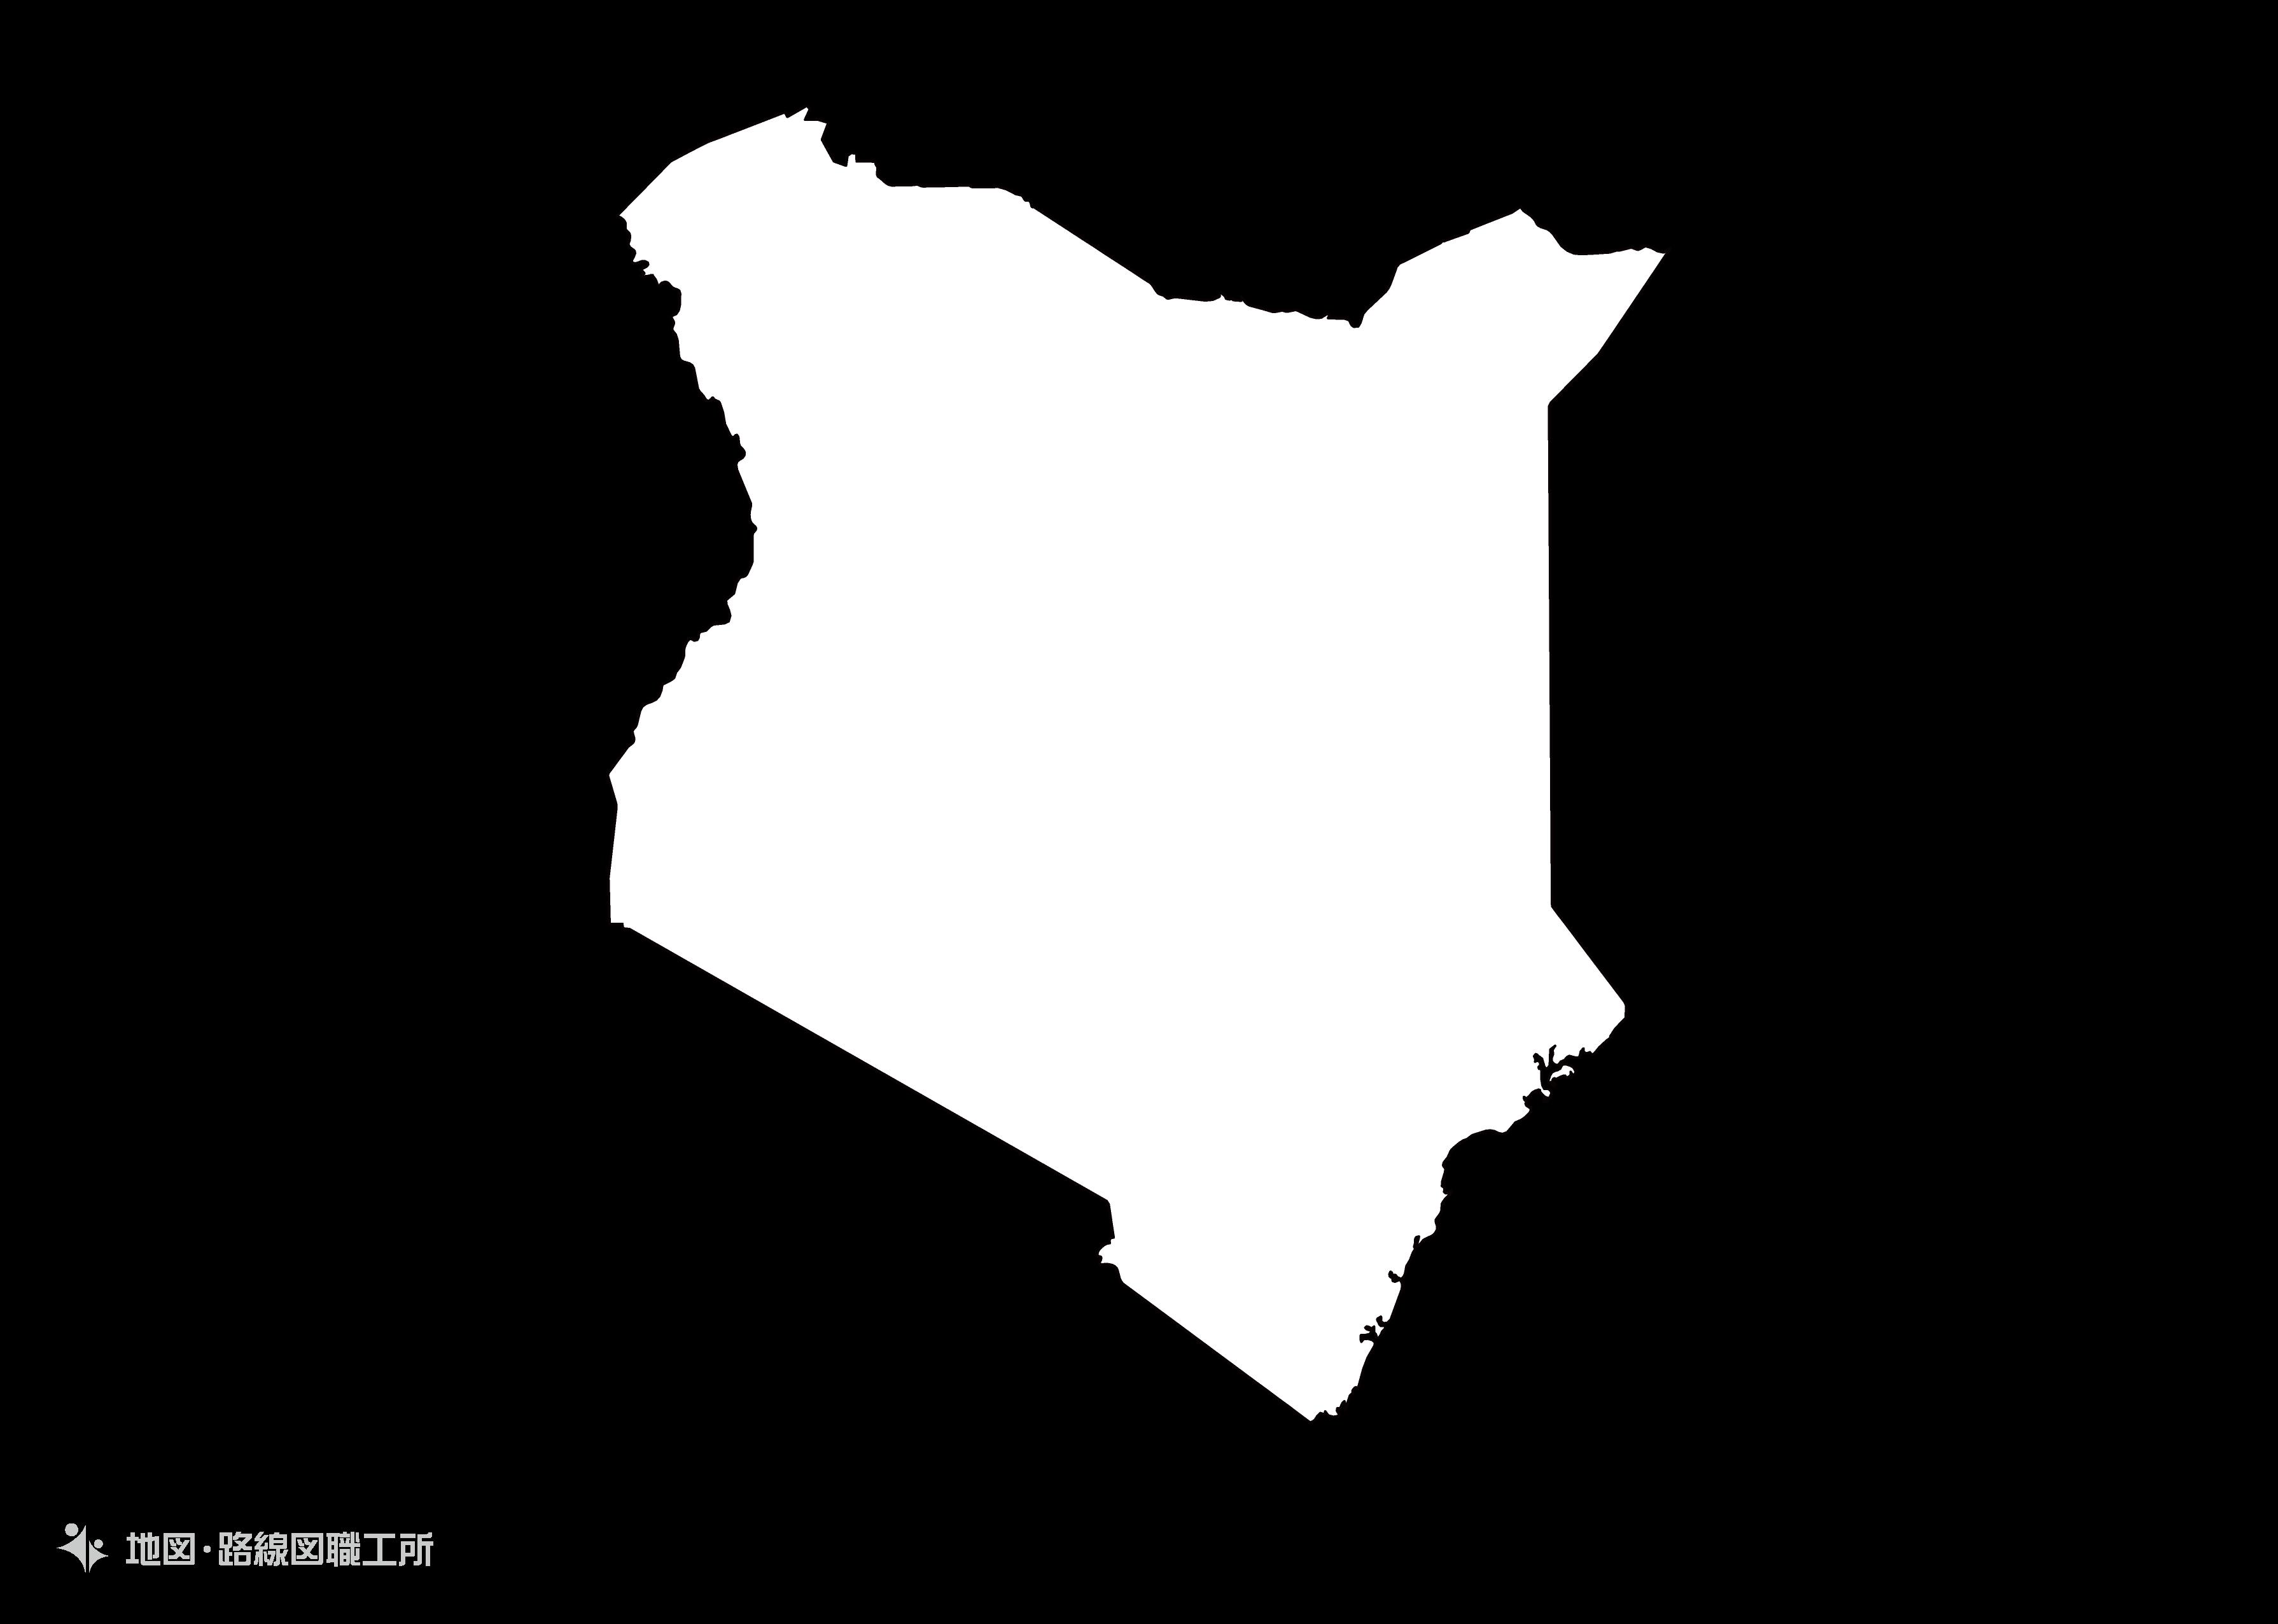 世界の白地図 ケニア共和国 republic-of-kenya map